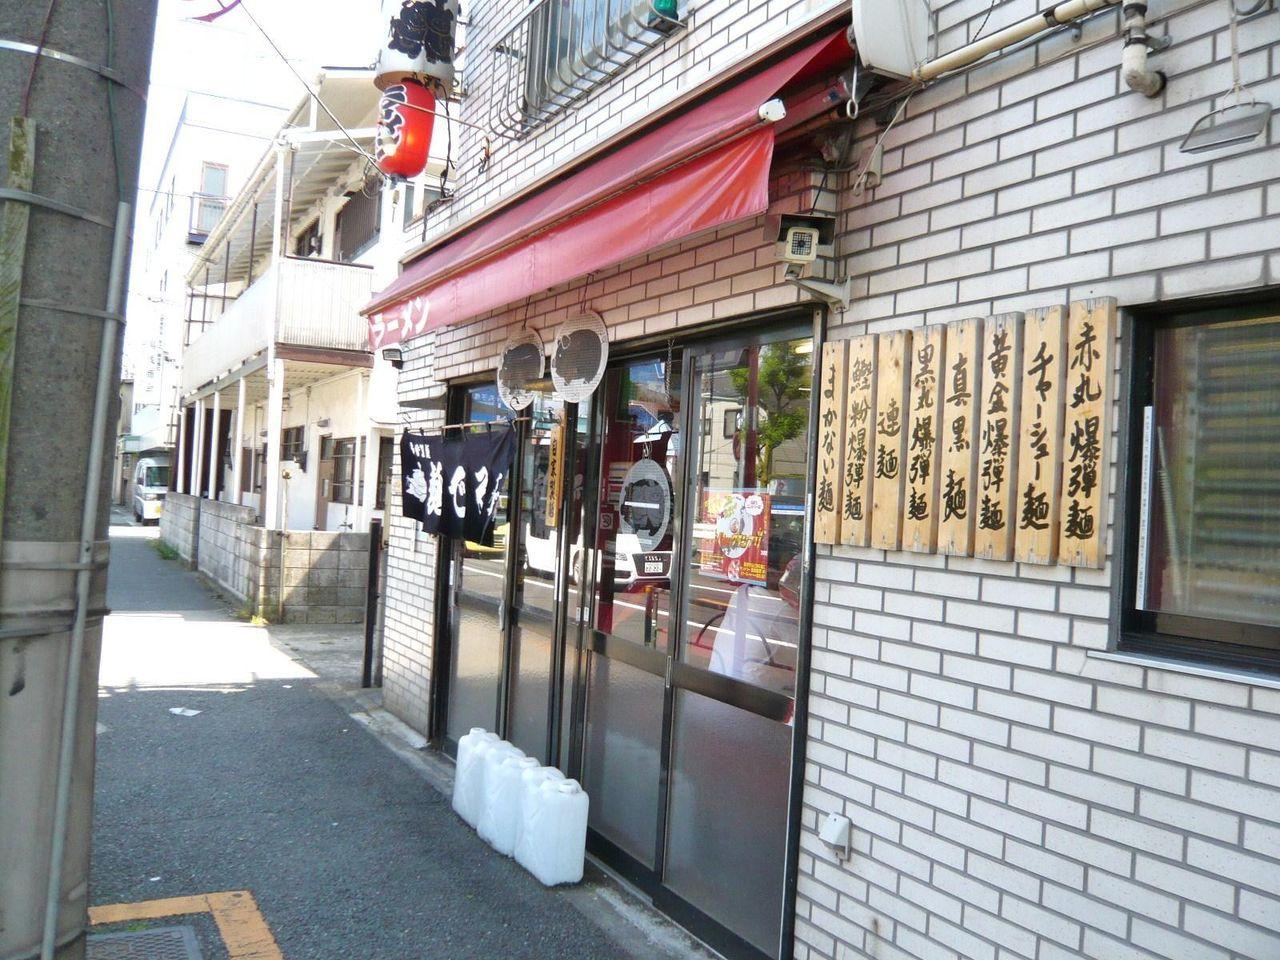 1本麺から14連麺まで日替わりでオリジナル麺を提供!